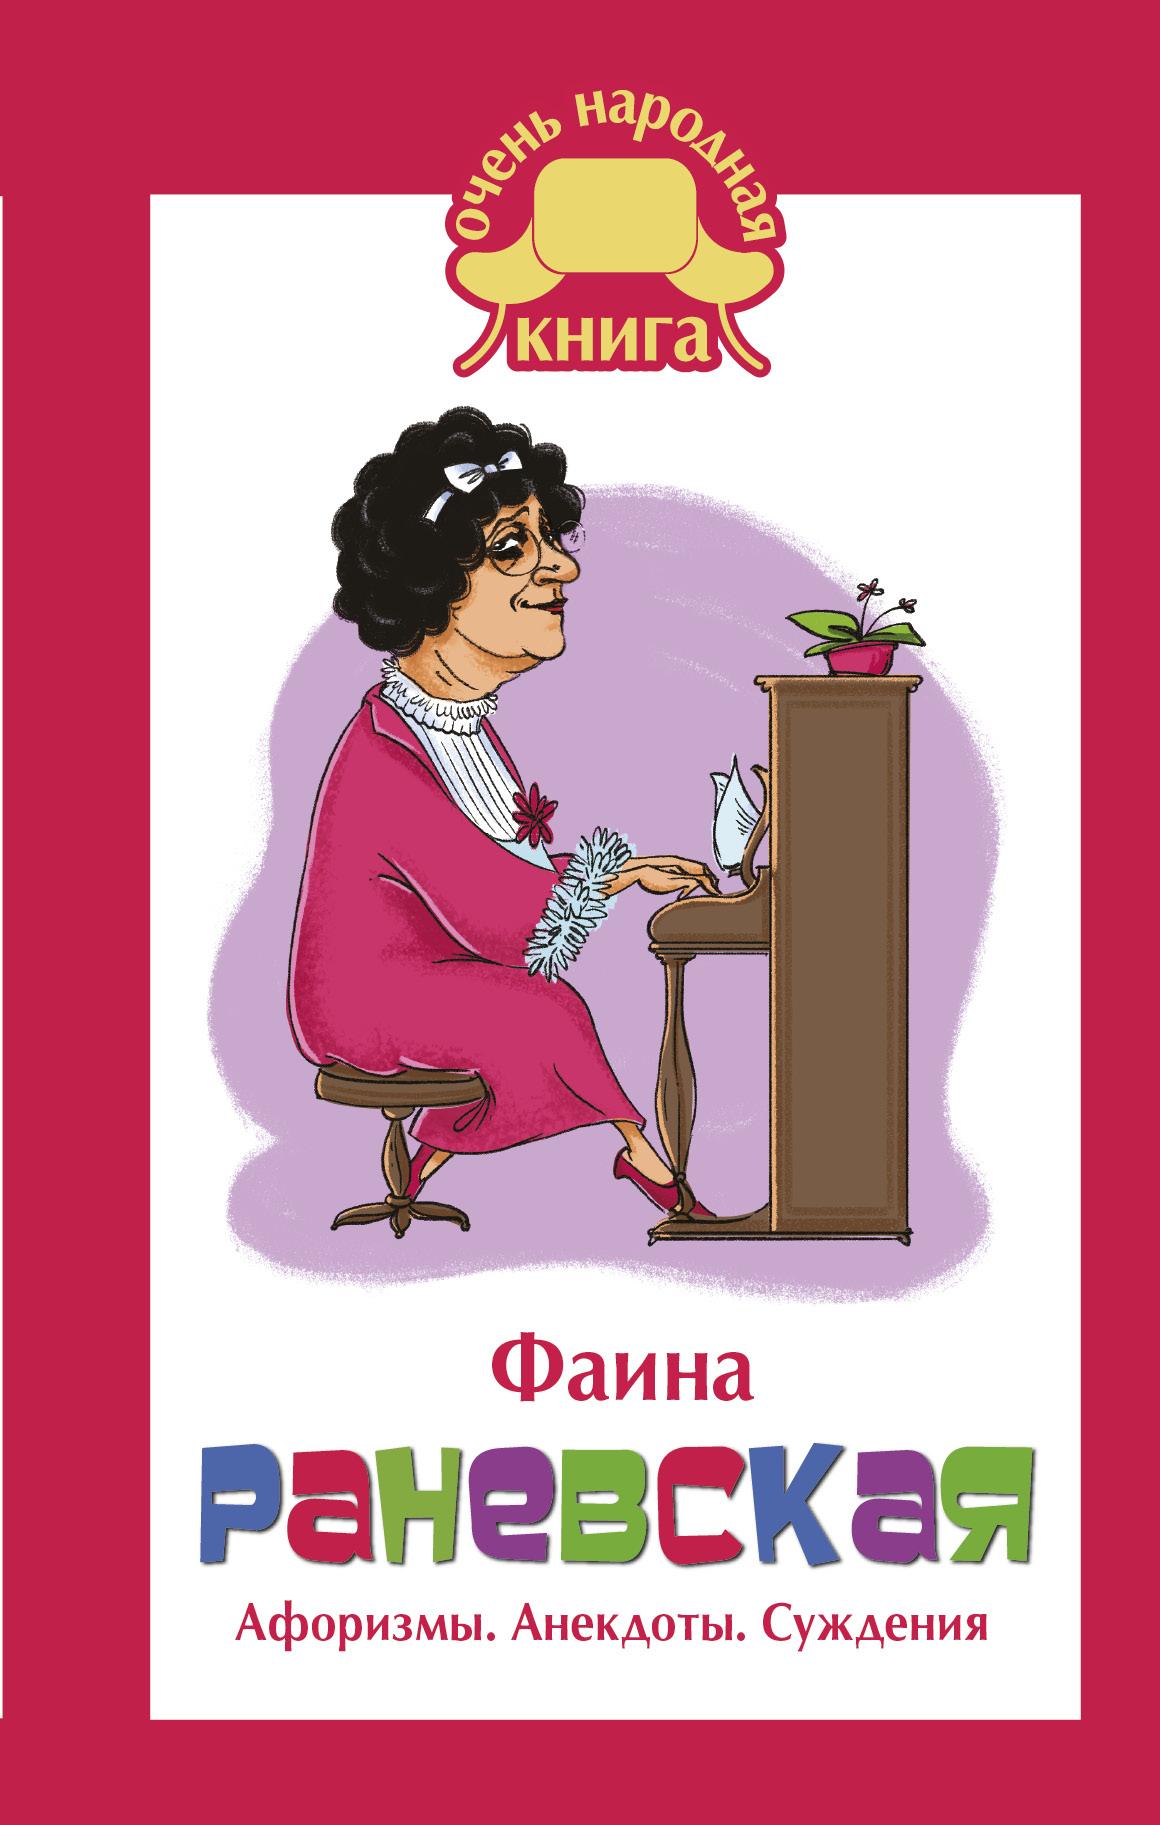 Фаина Раневская. Афоризмы.Анекдоты Суждения. ( .  )